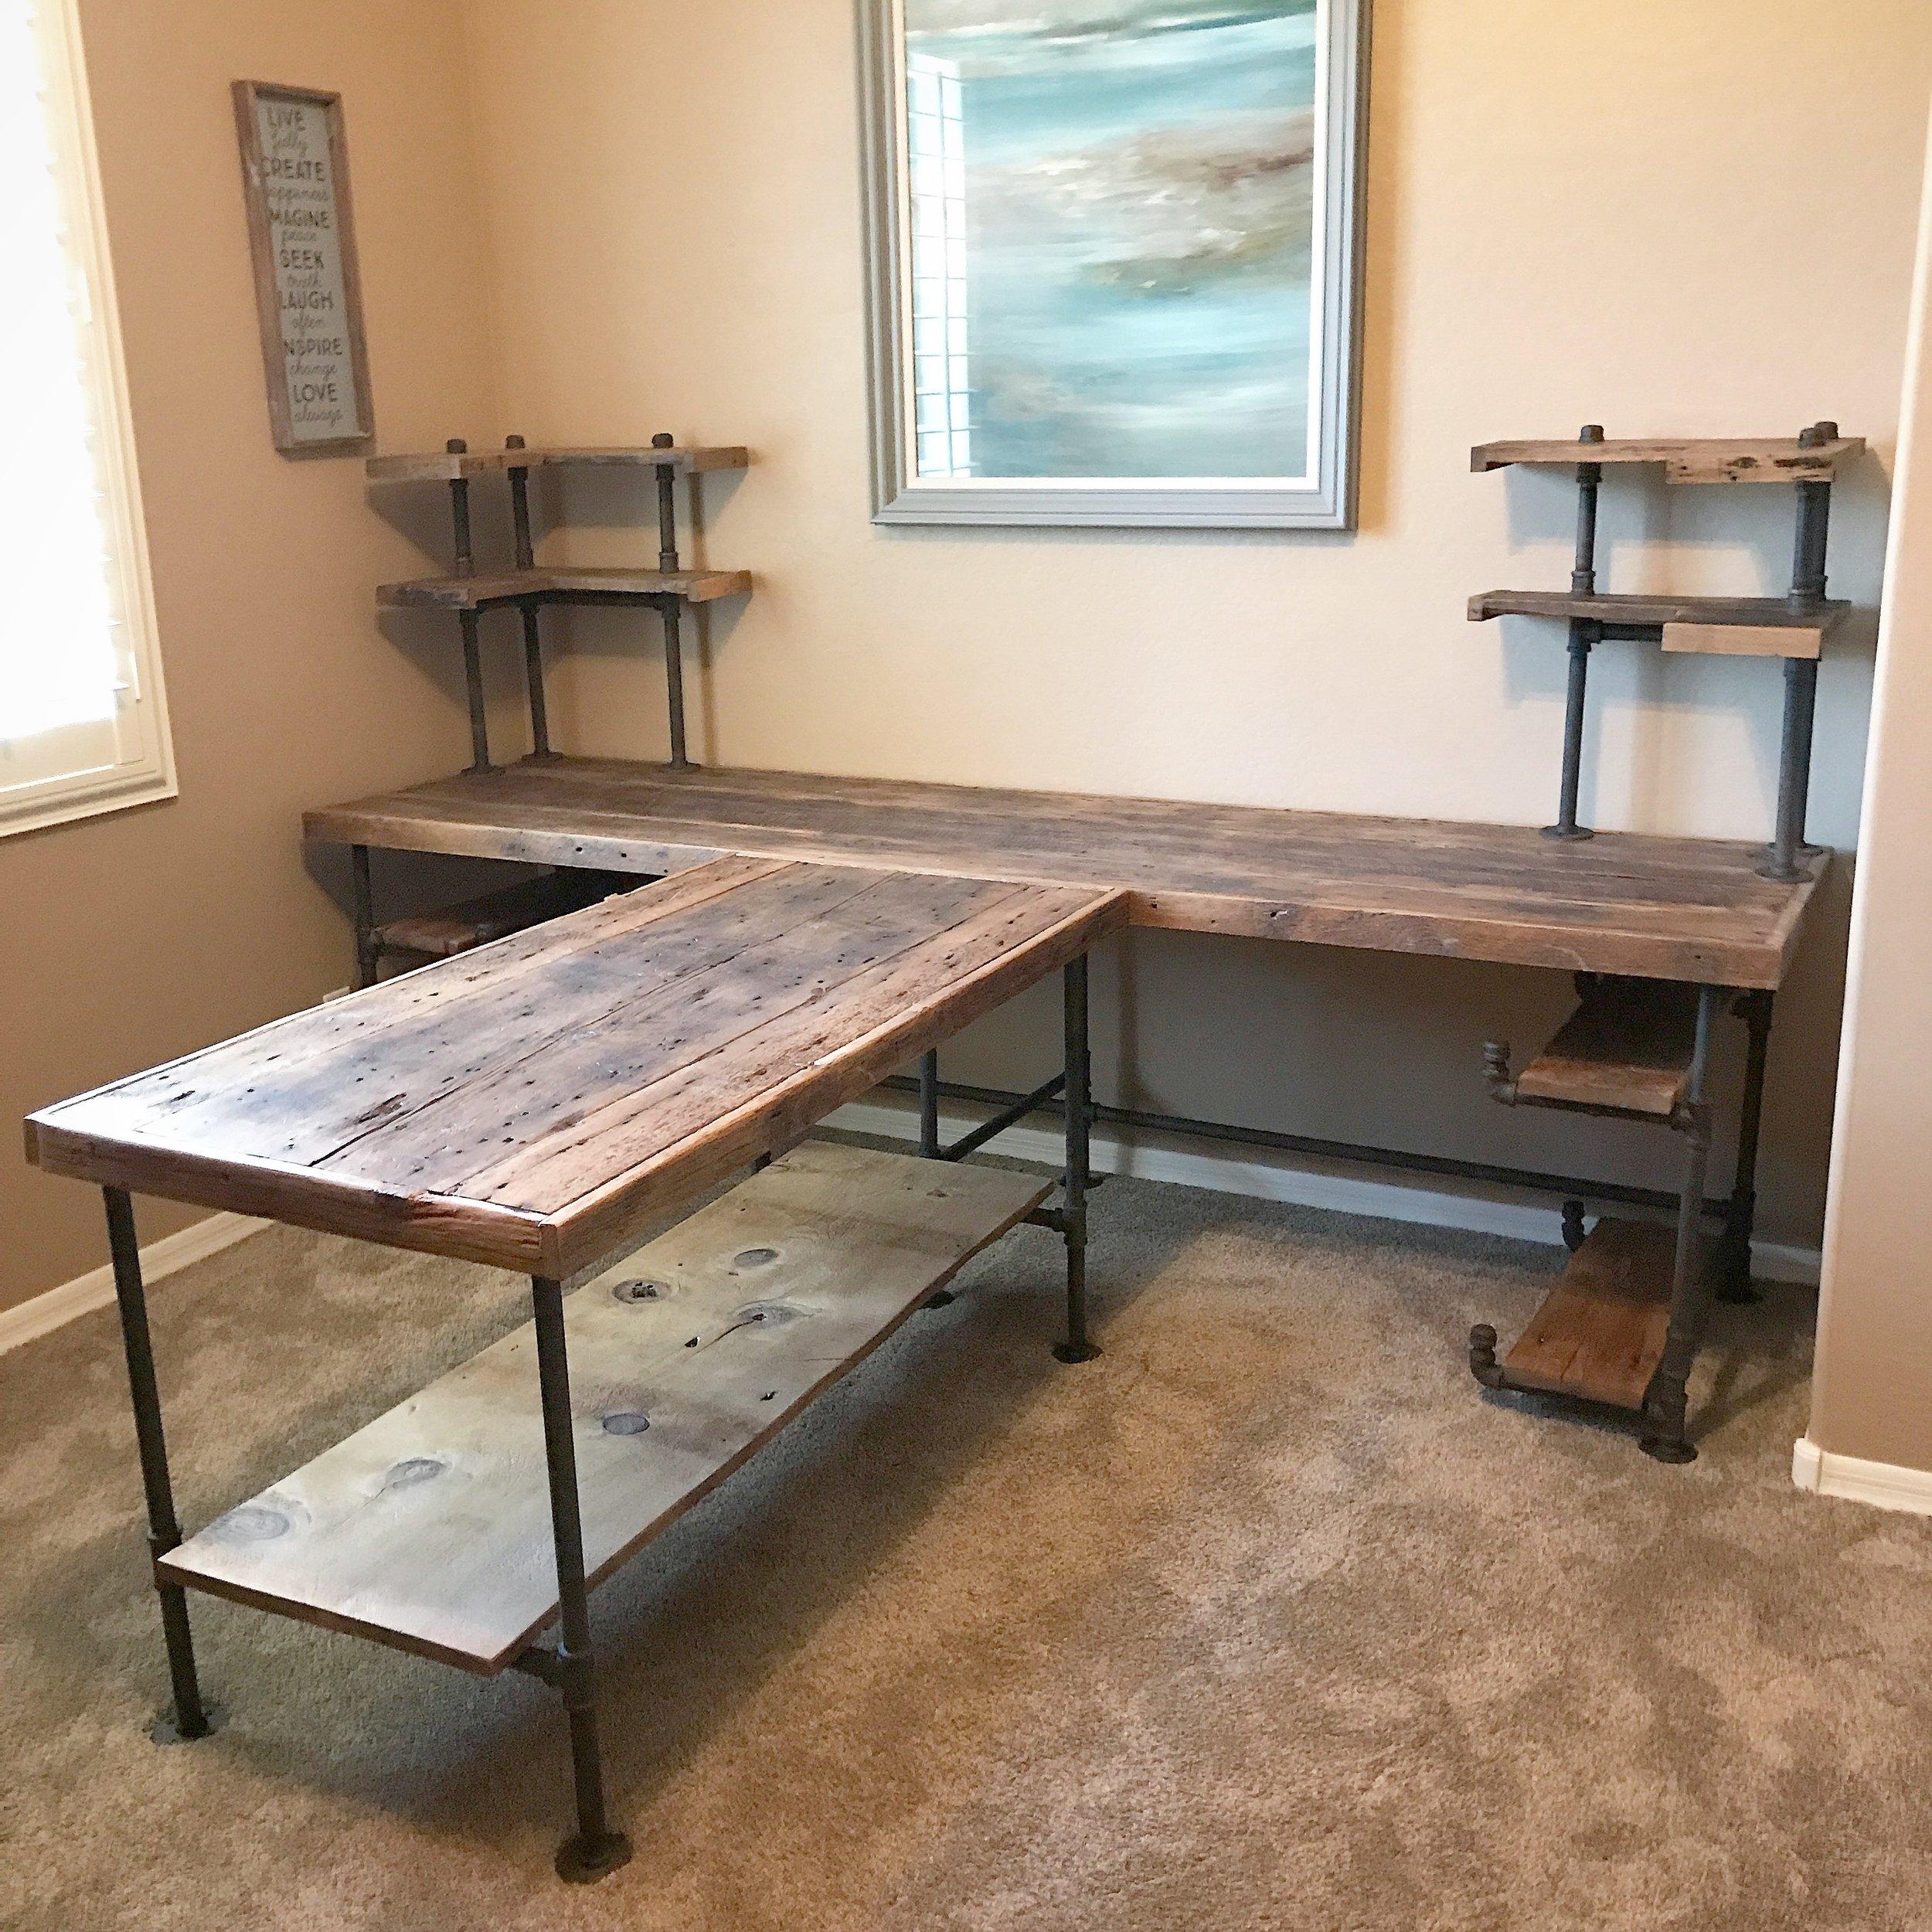 Albert T-shaped Desk Reclaimed Wood Desk with Shelving